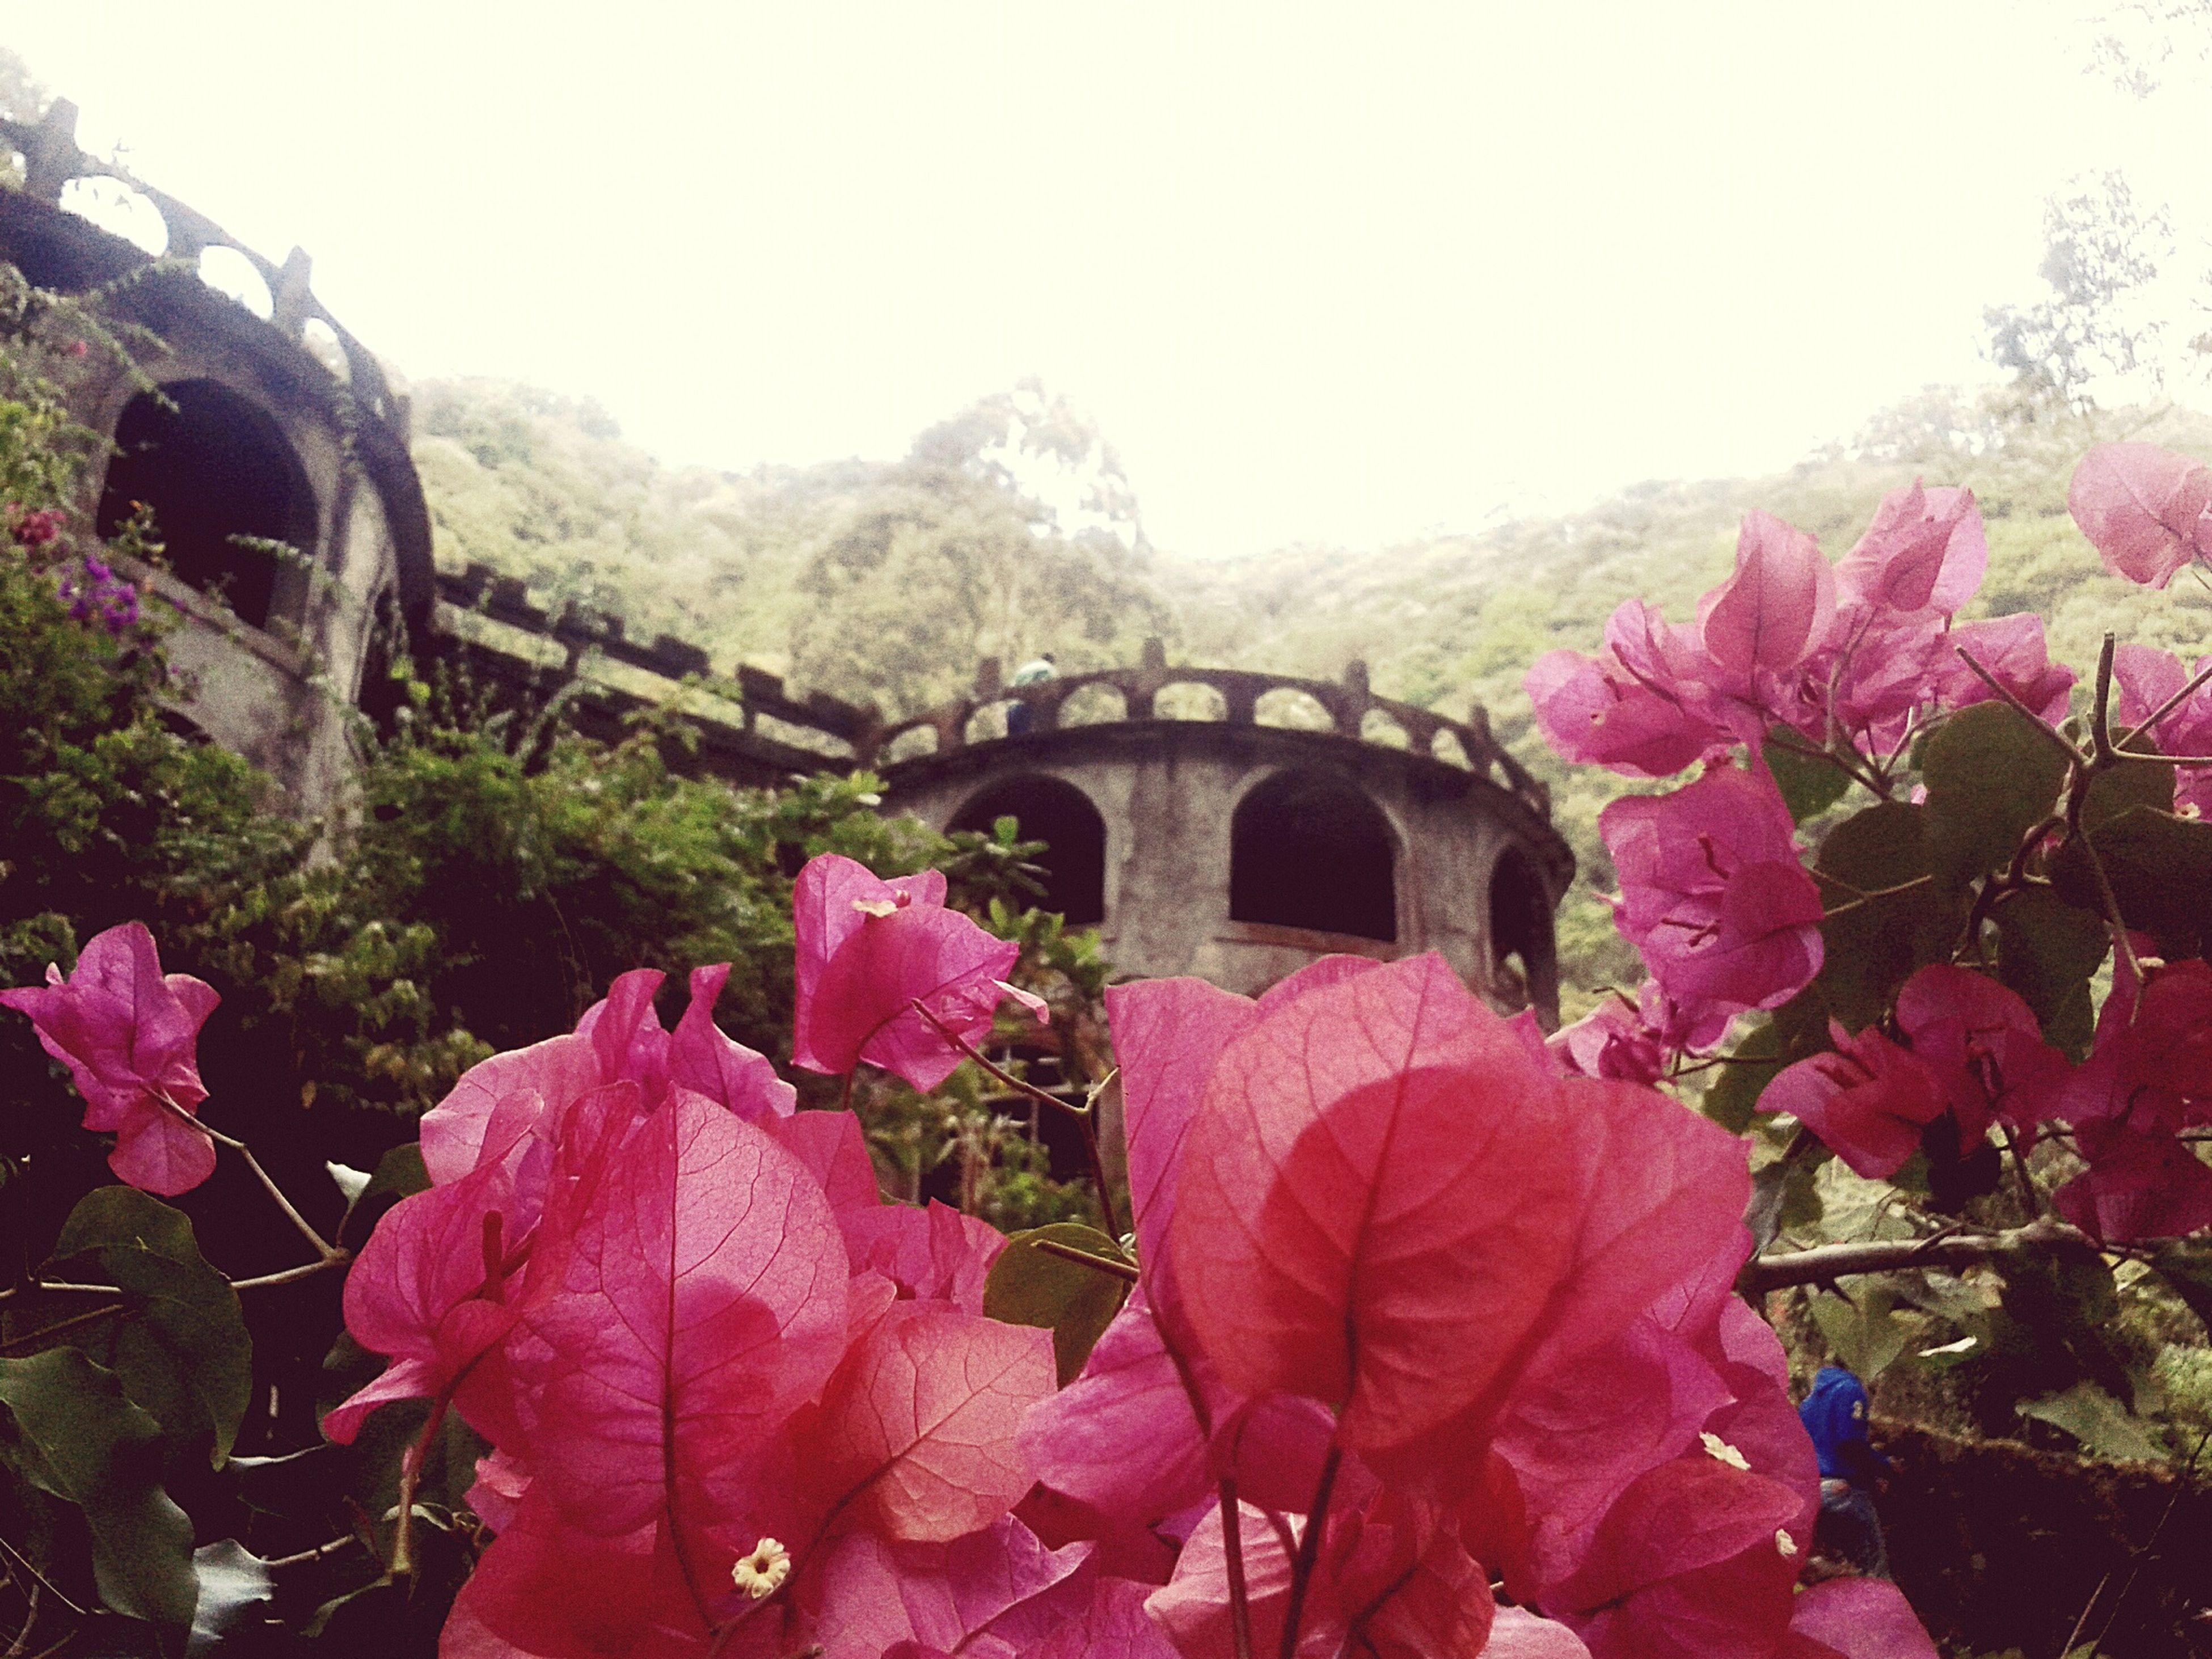 Y allí entre montañas verdes y coloridas flores, un castillo ha quedado abandonado. La princesa y su amado se han alejado en su caballo... Castle Panamaoutdoors Nature EyeEm Nature Lover